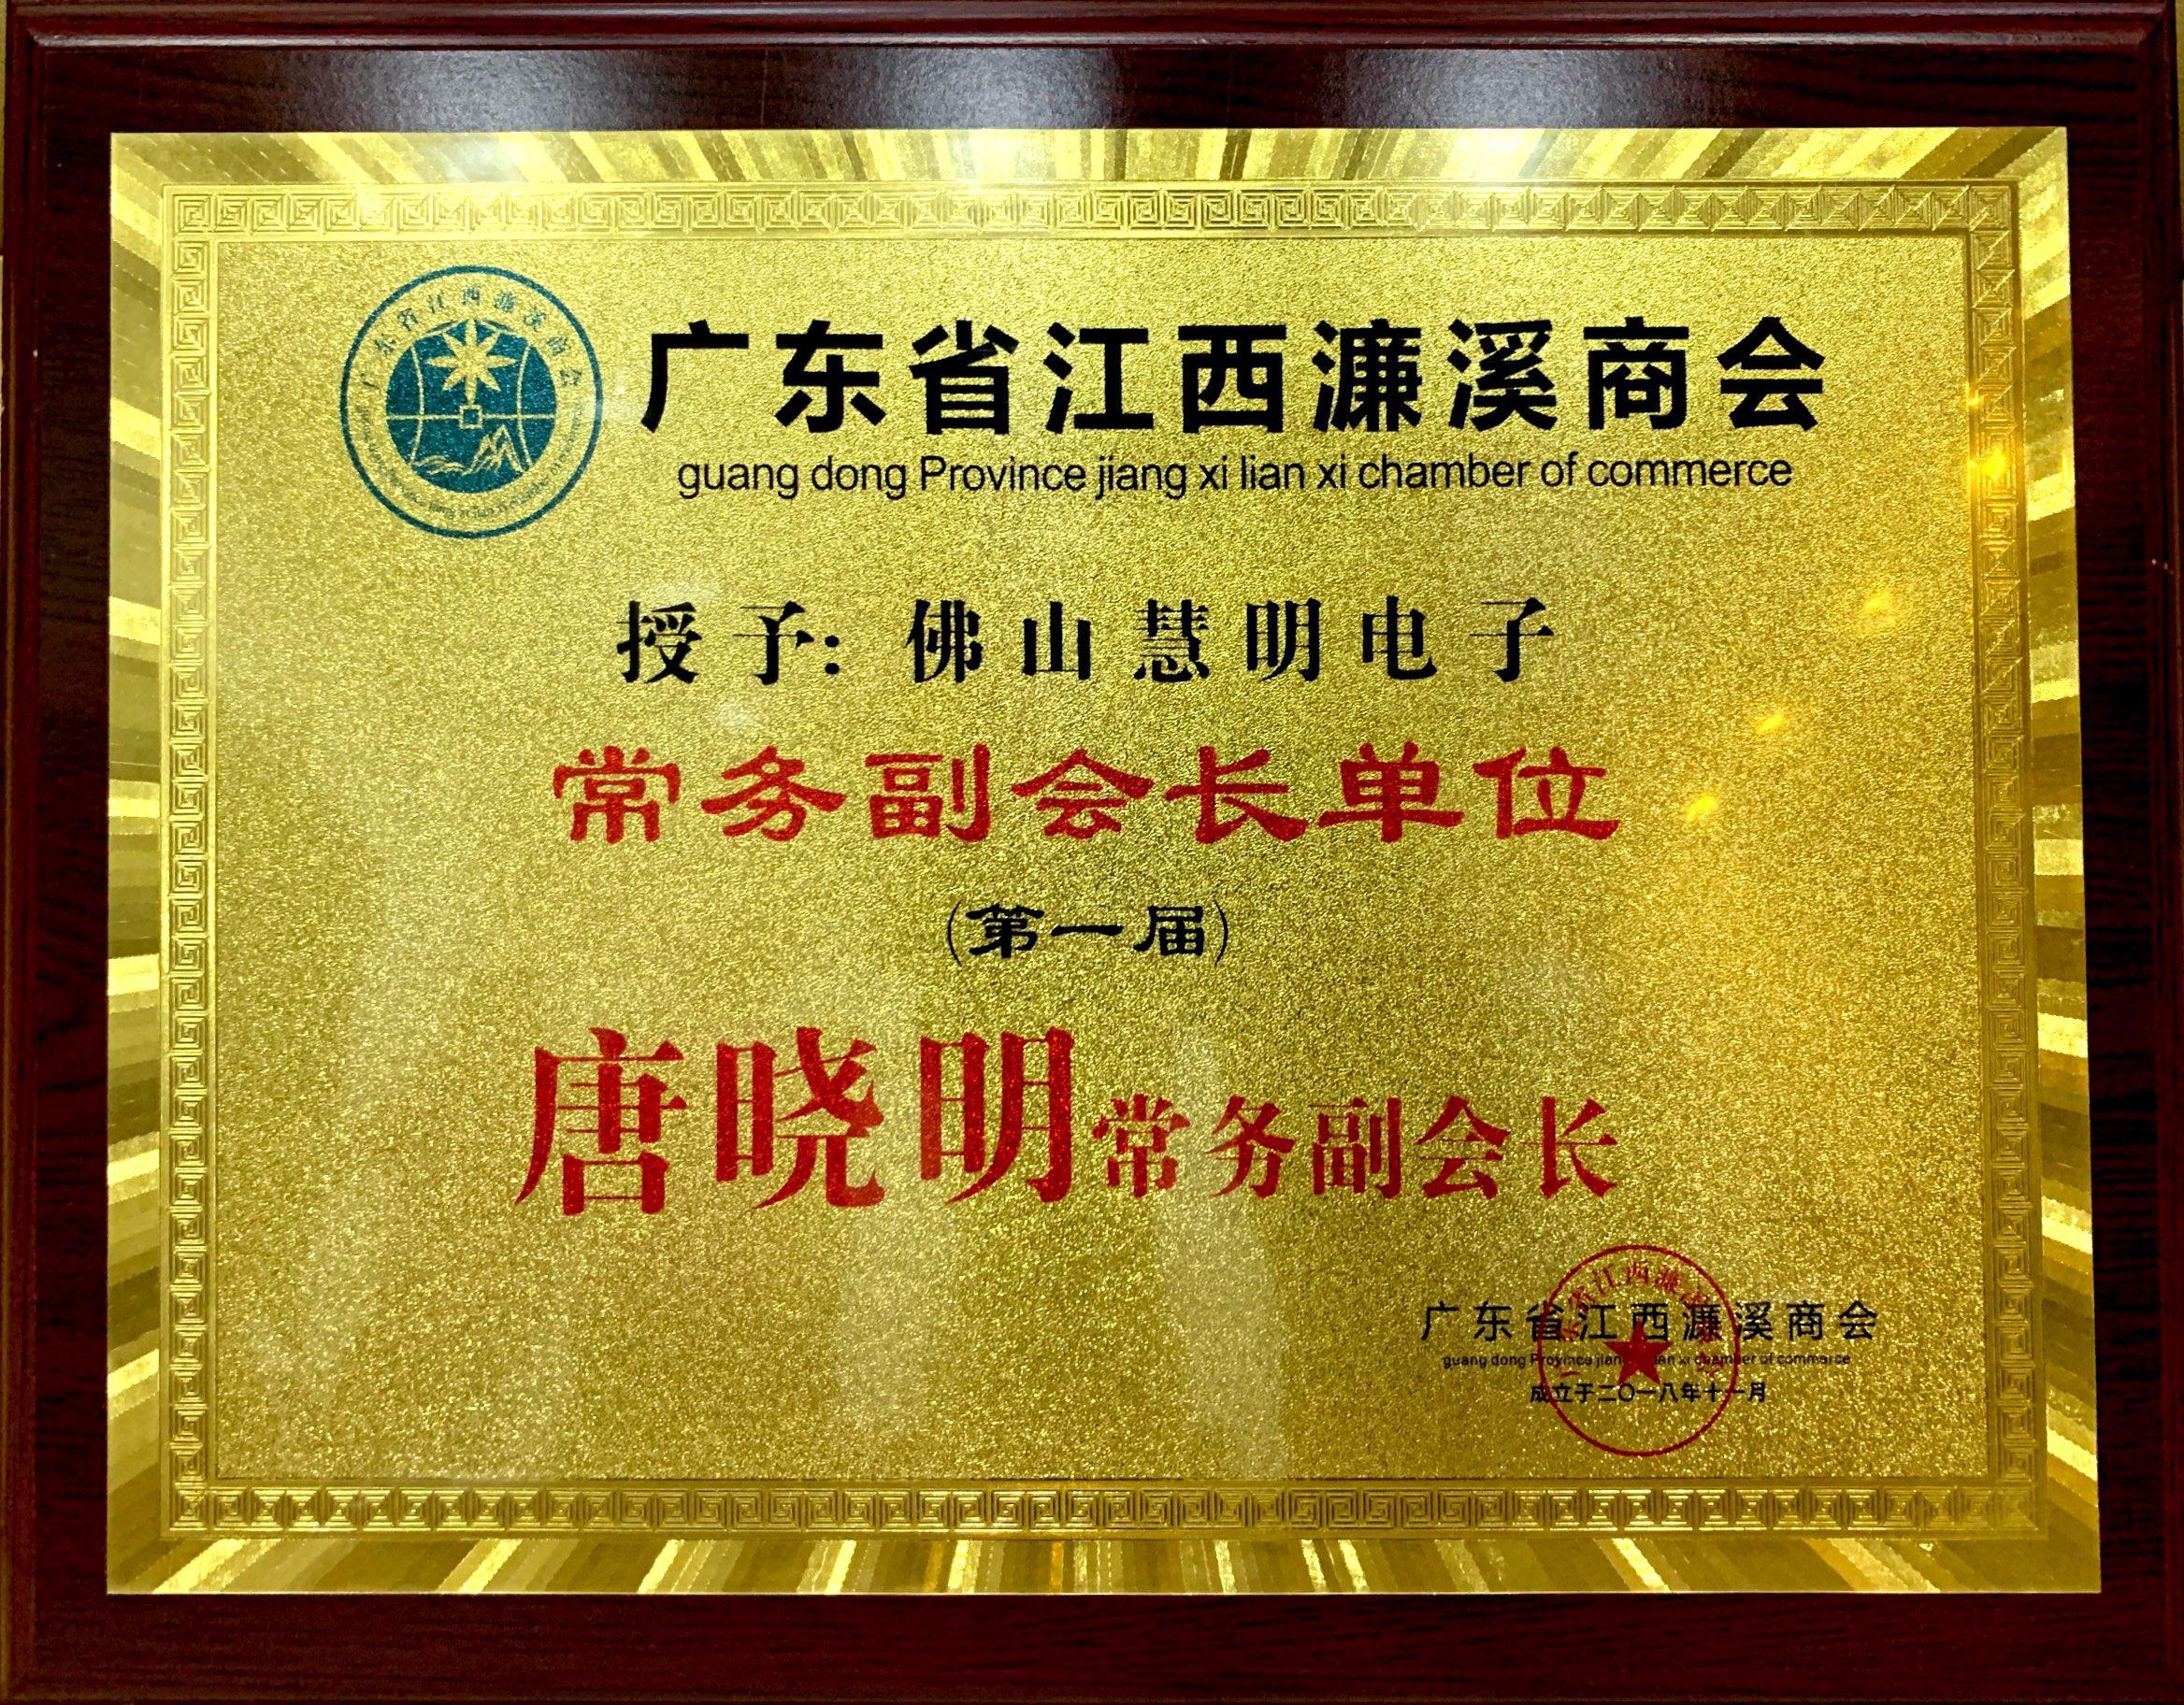 广东省江西濂溪商会常务副会长单位